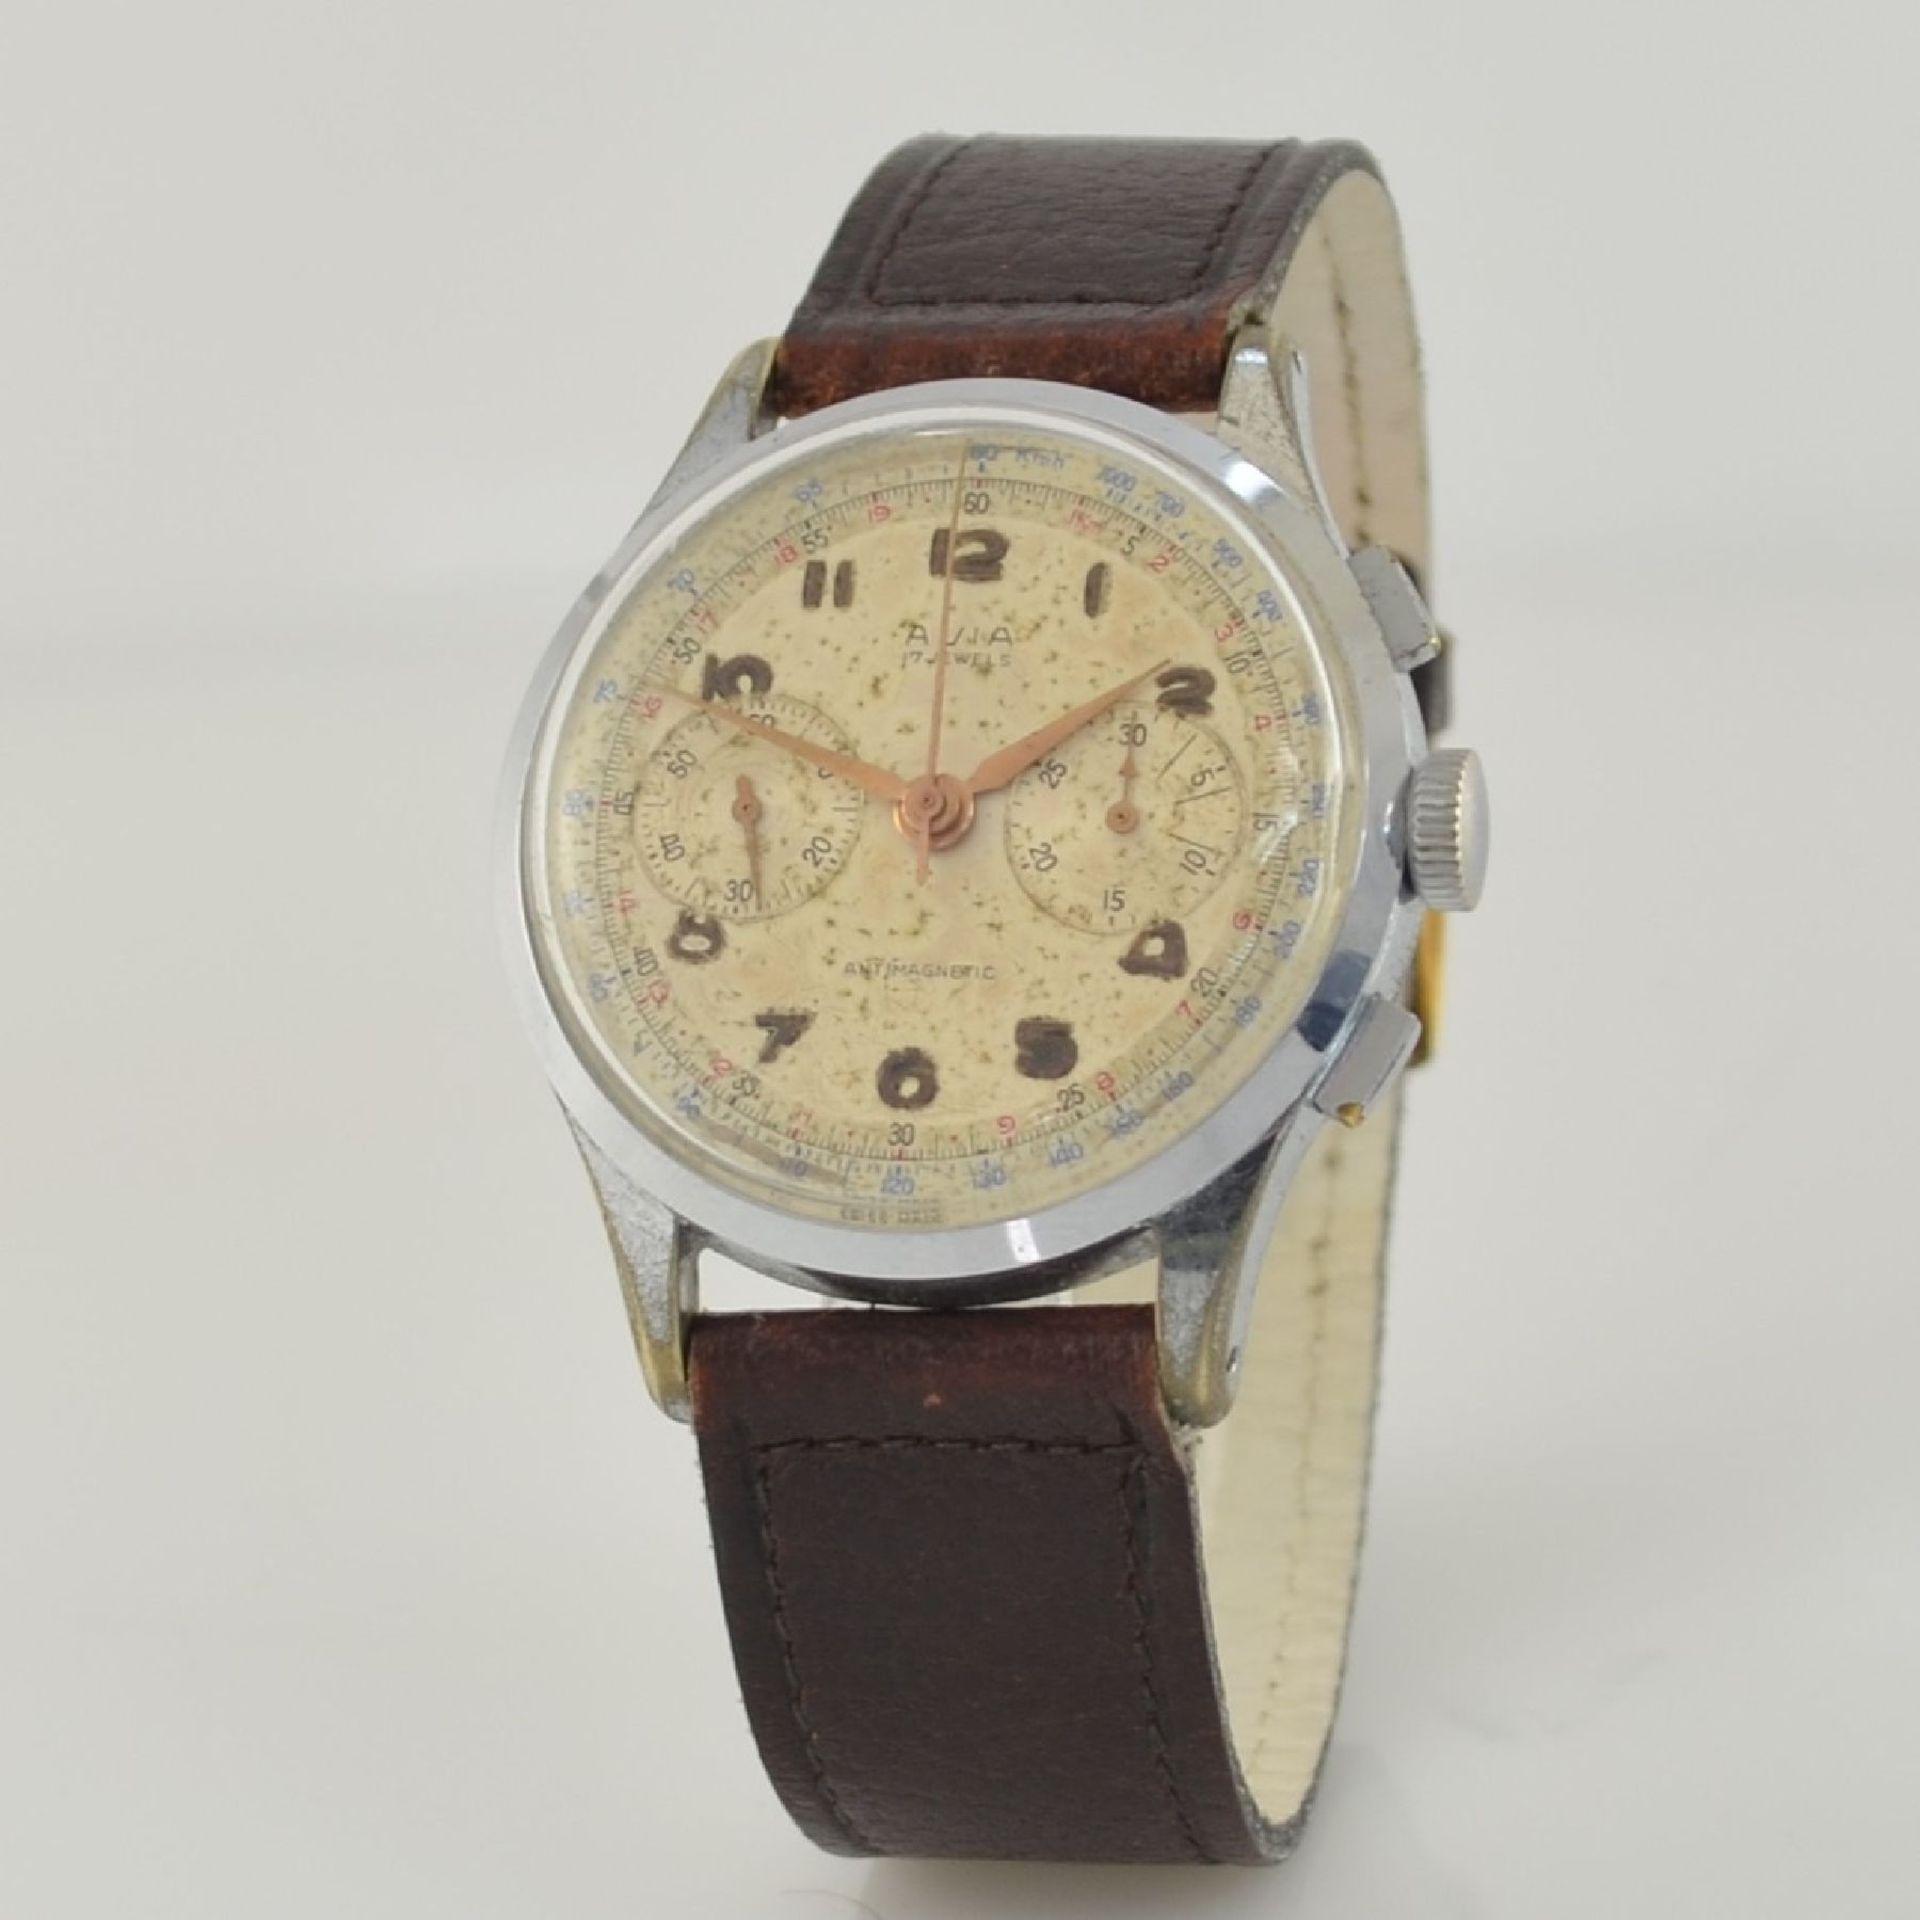 AVIA Armbandchronograph, Handaufzug, Schweiz für den dtsch. Markt um 1940, verchr. Metallgeh. - Bild 3 aus 10